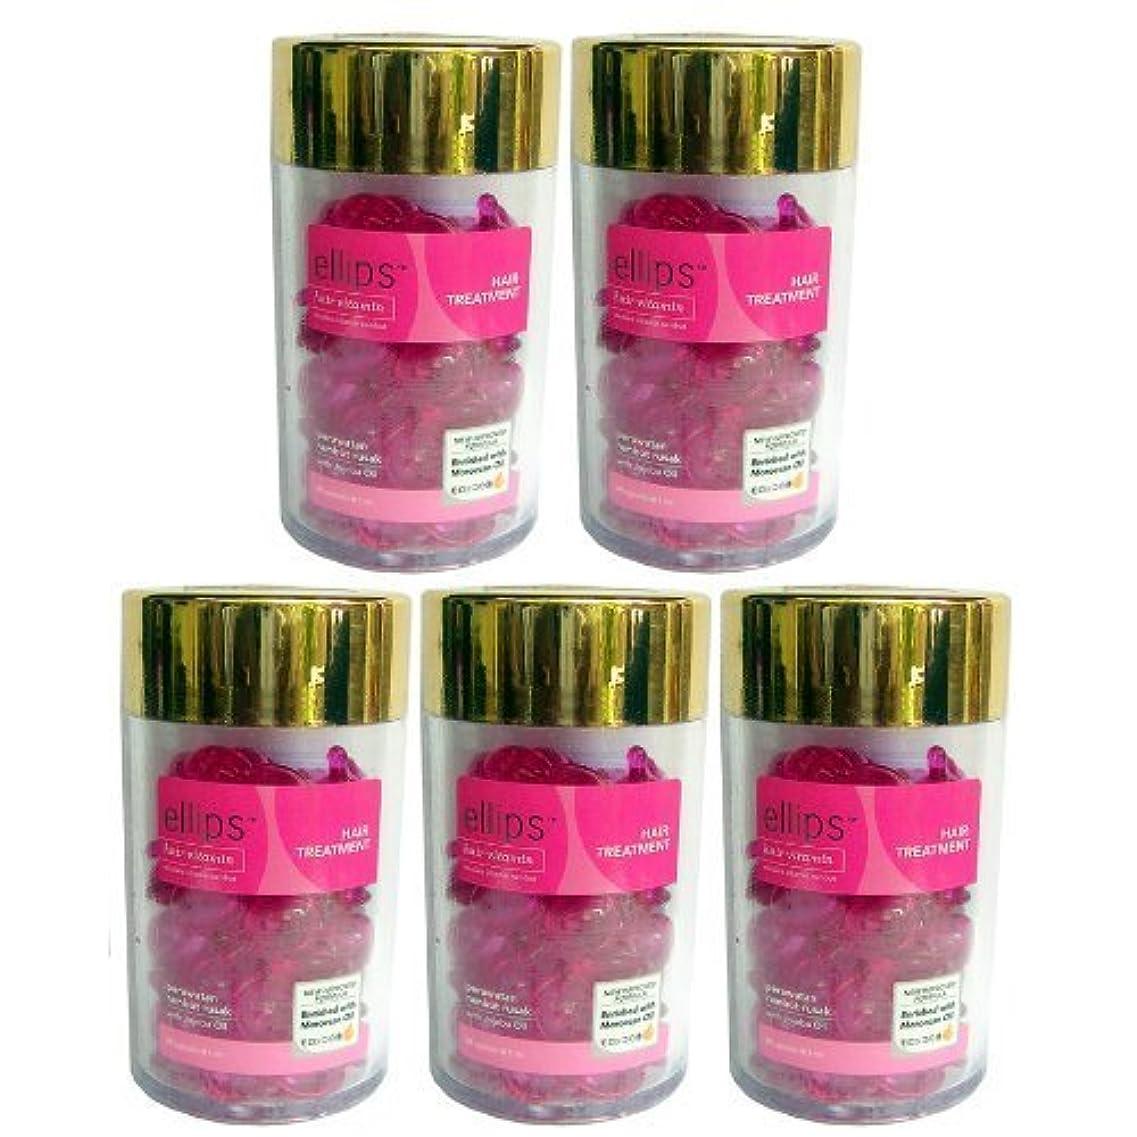 バックアップ暗殺する資本エリップス ellips ヘアビタミン洗い流さないヘアトリートメント(並行輸入品) (ピンク5本)